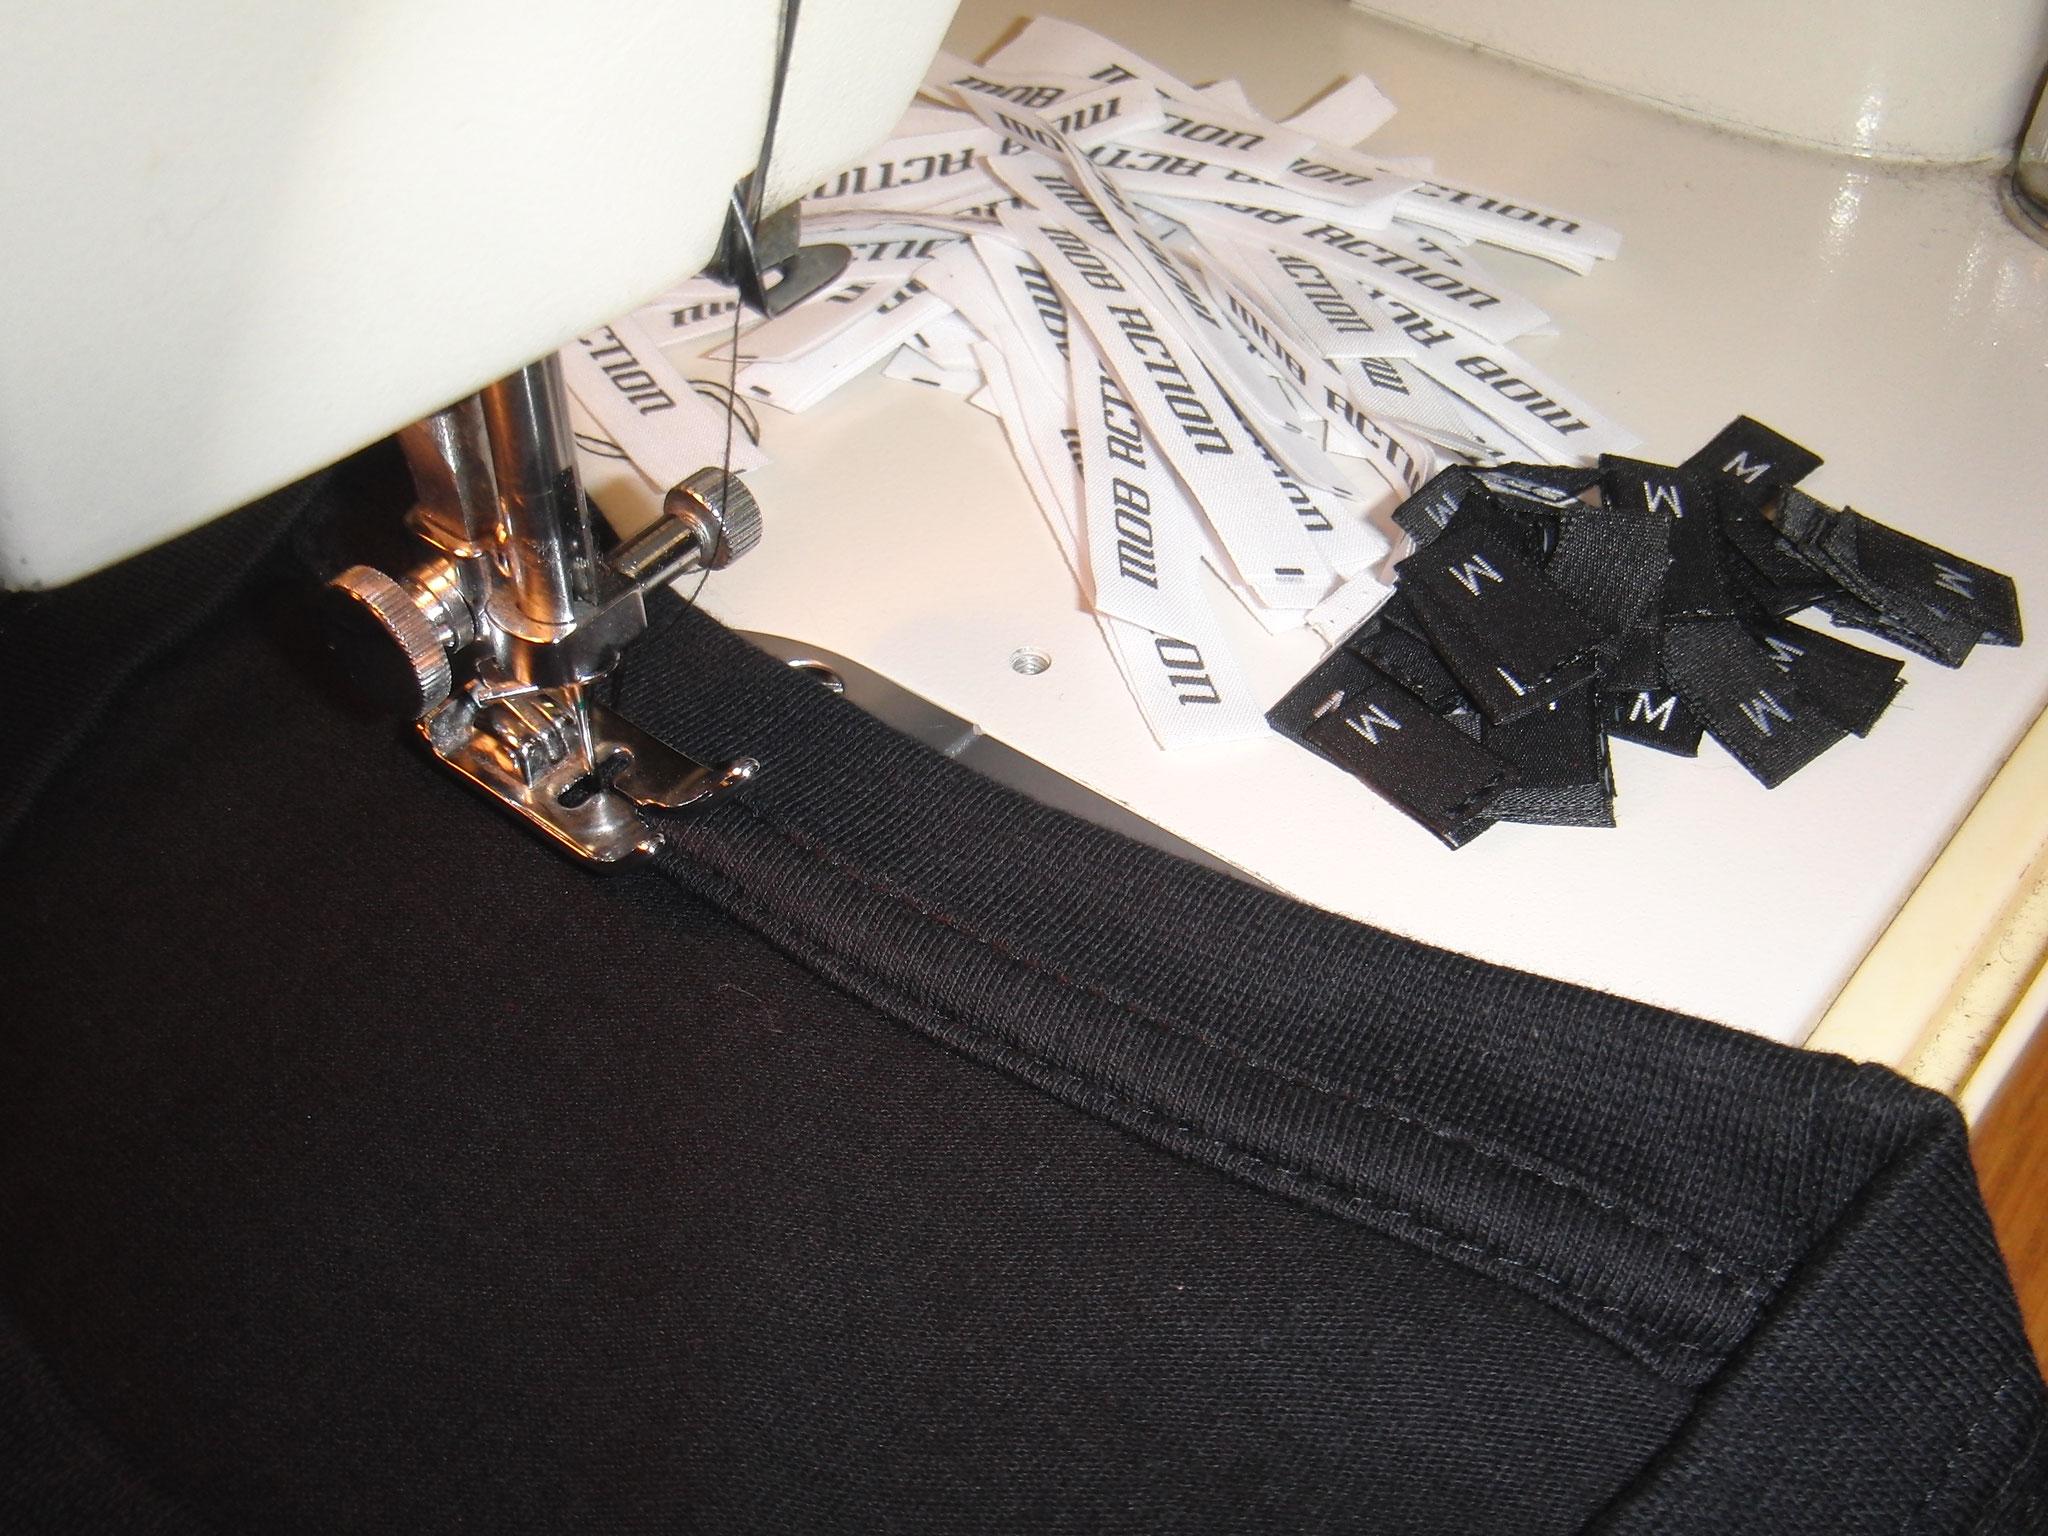 Etiketten-einnähen-von-T-Shirts-Textilien